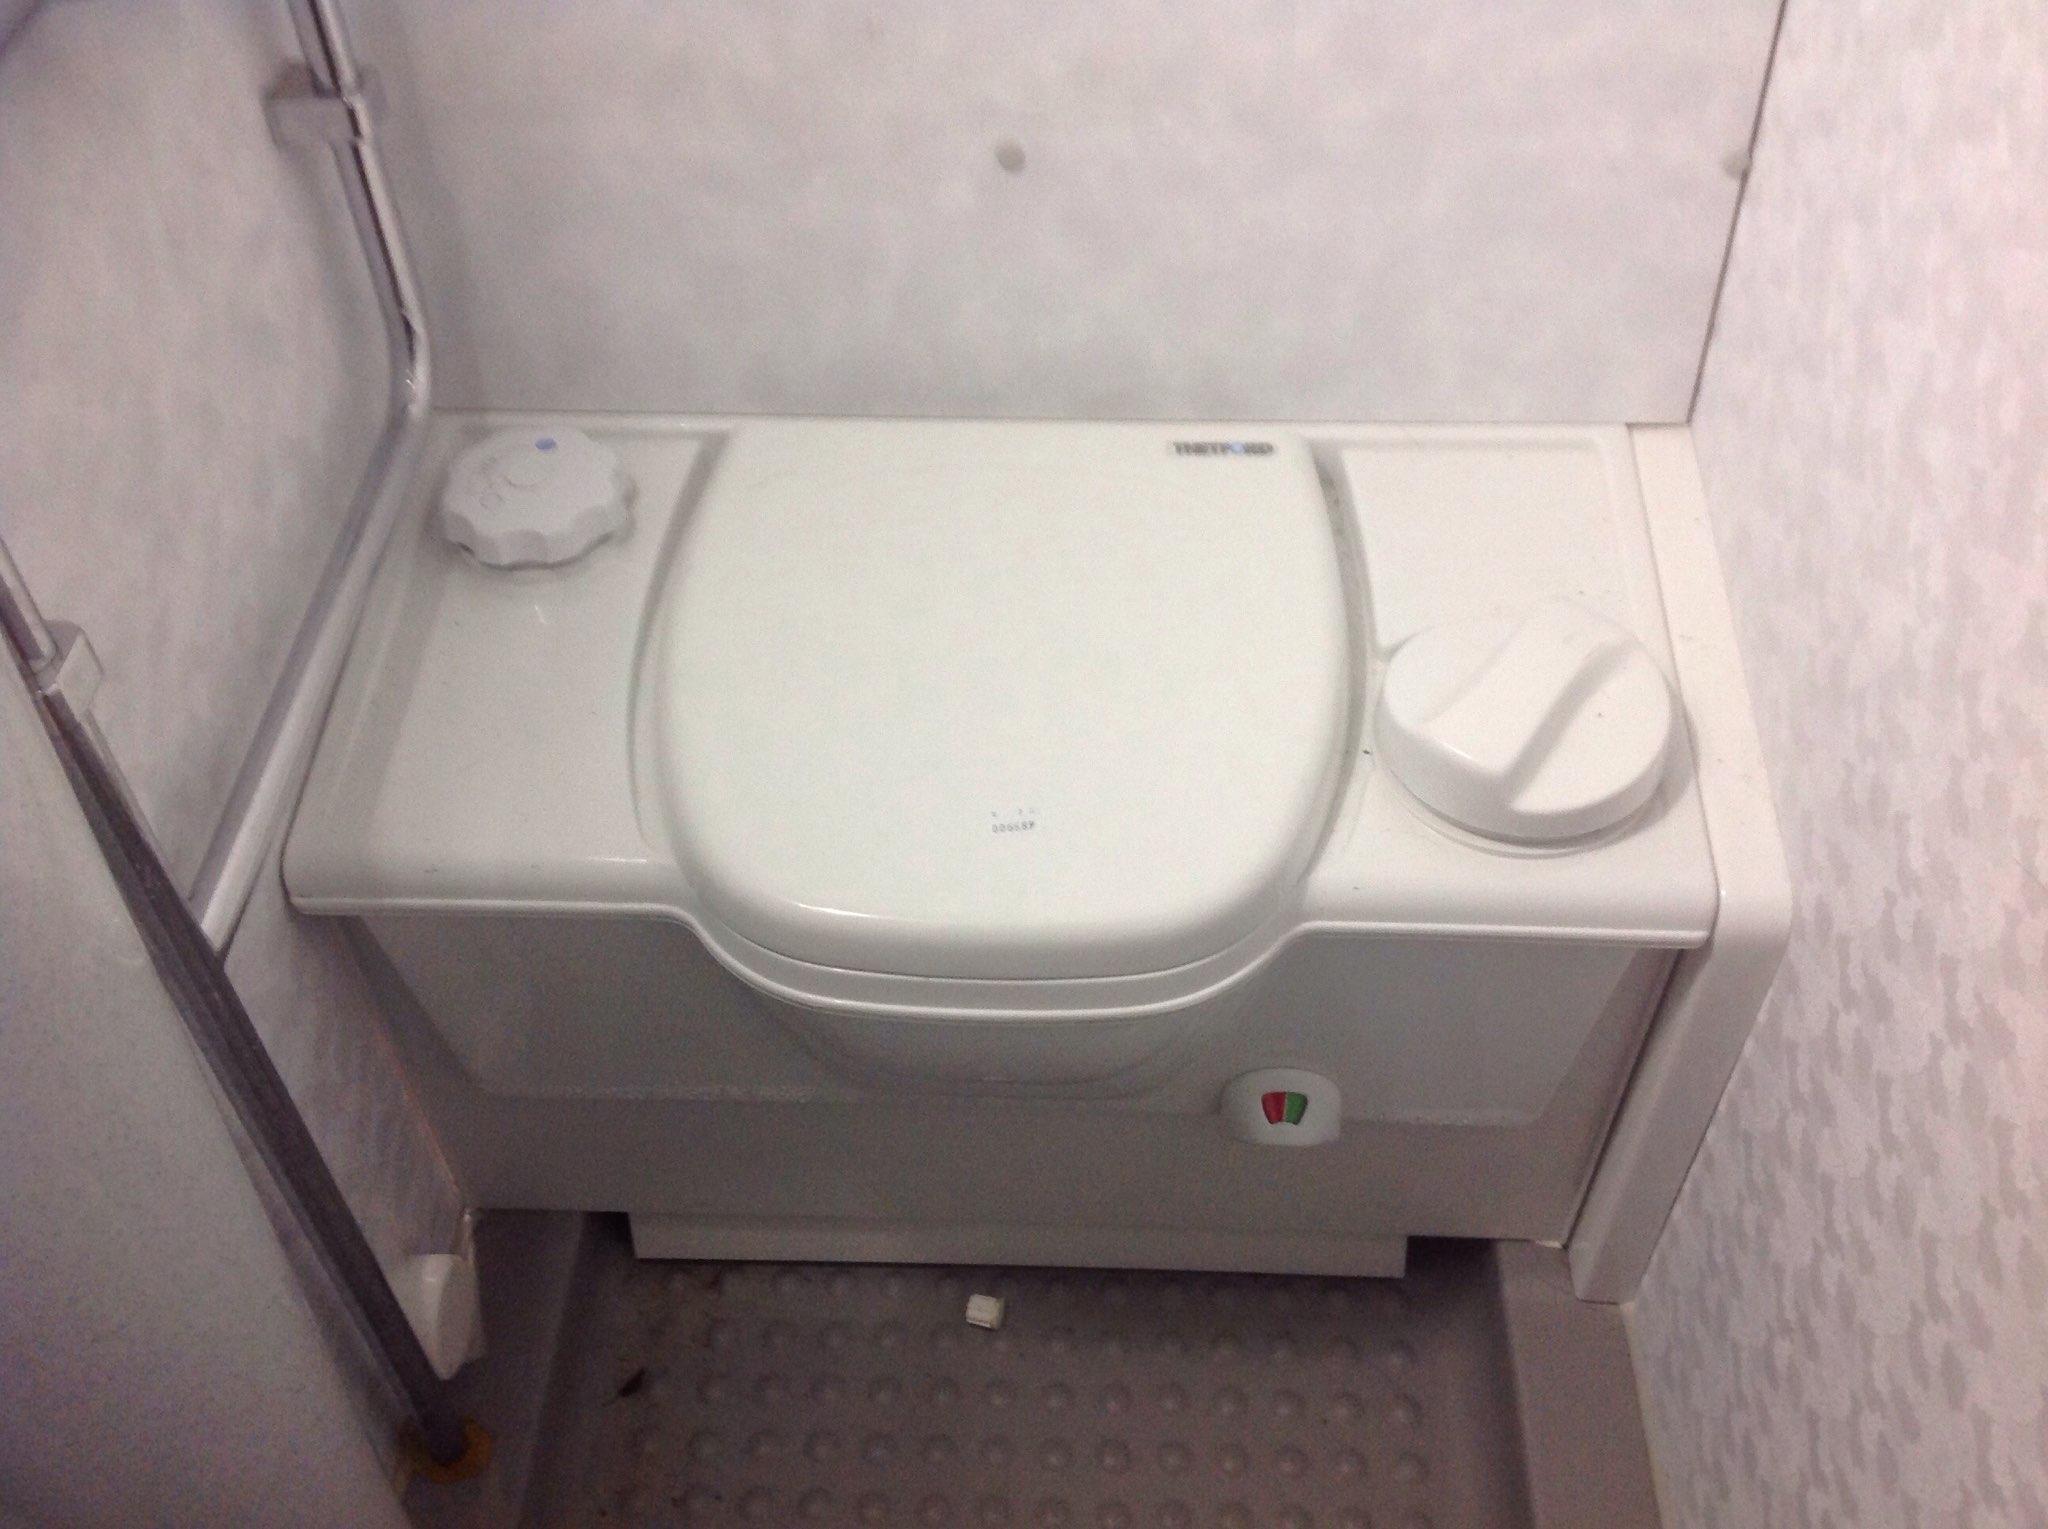 Thetford toalett